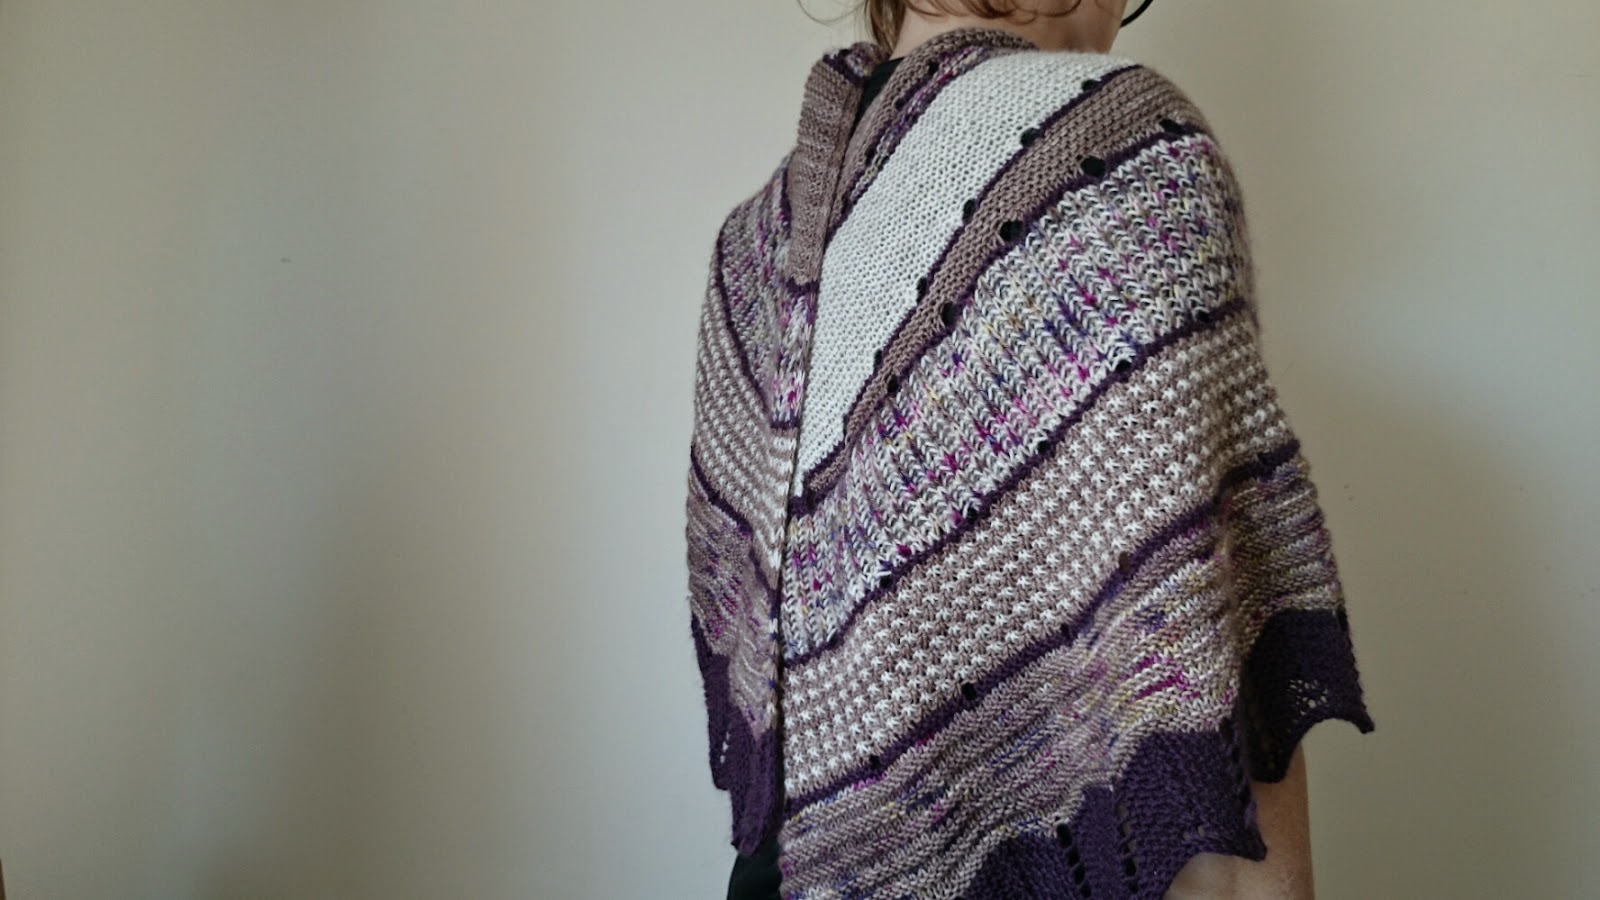 2015 shawl knitting texture summerofthesingleskein